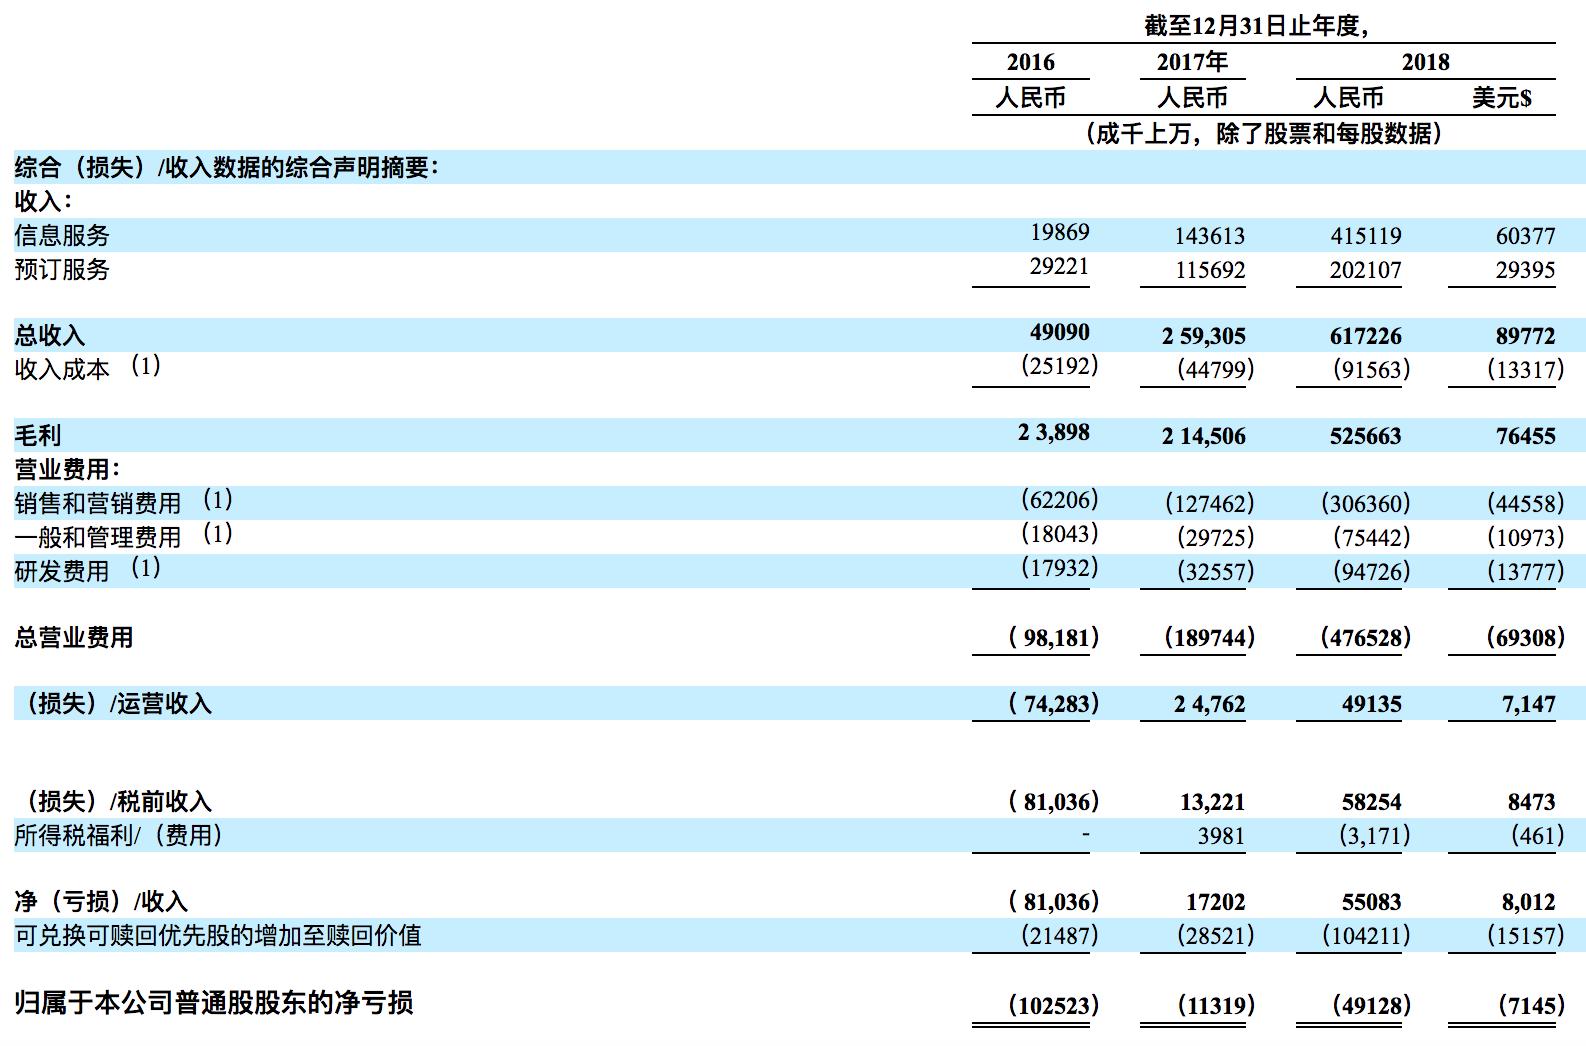 新氧美股IPO - 港股、美股开户